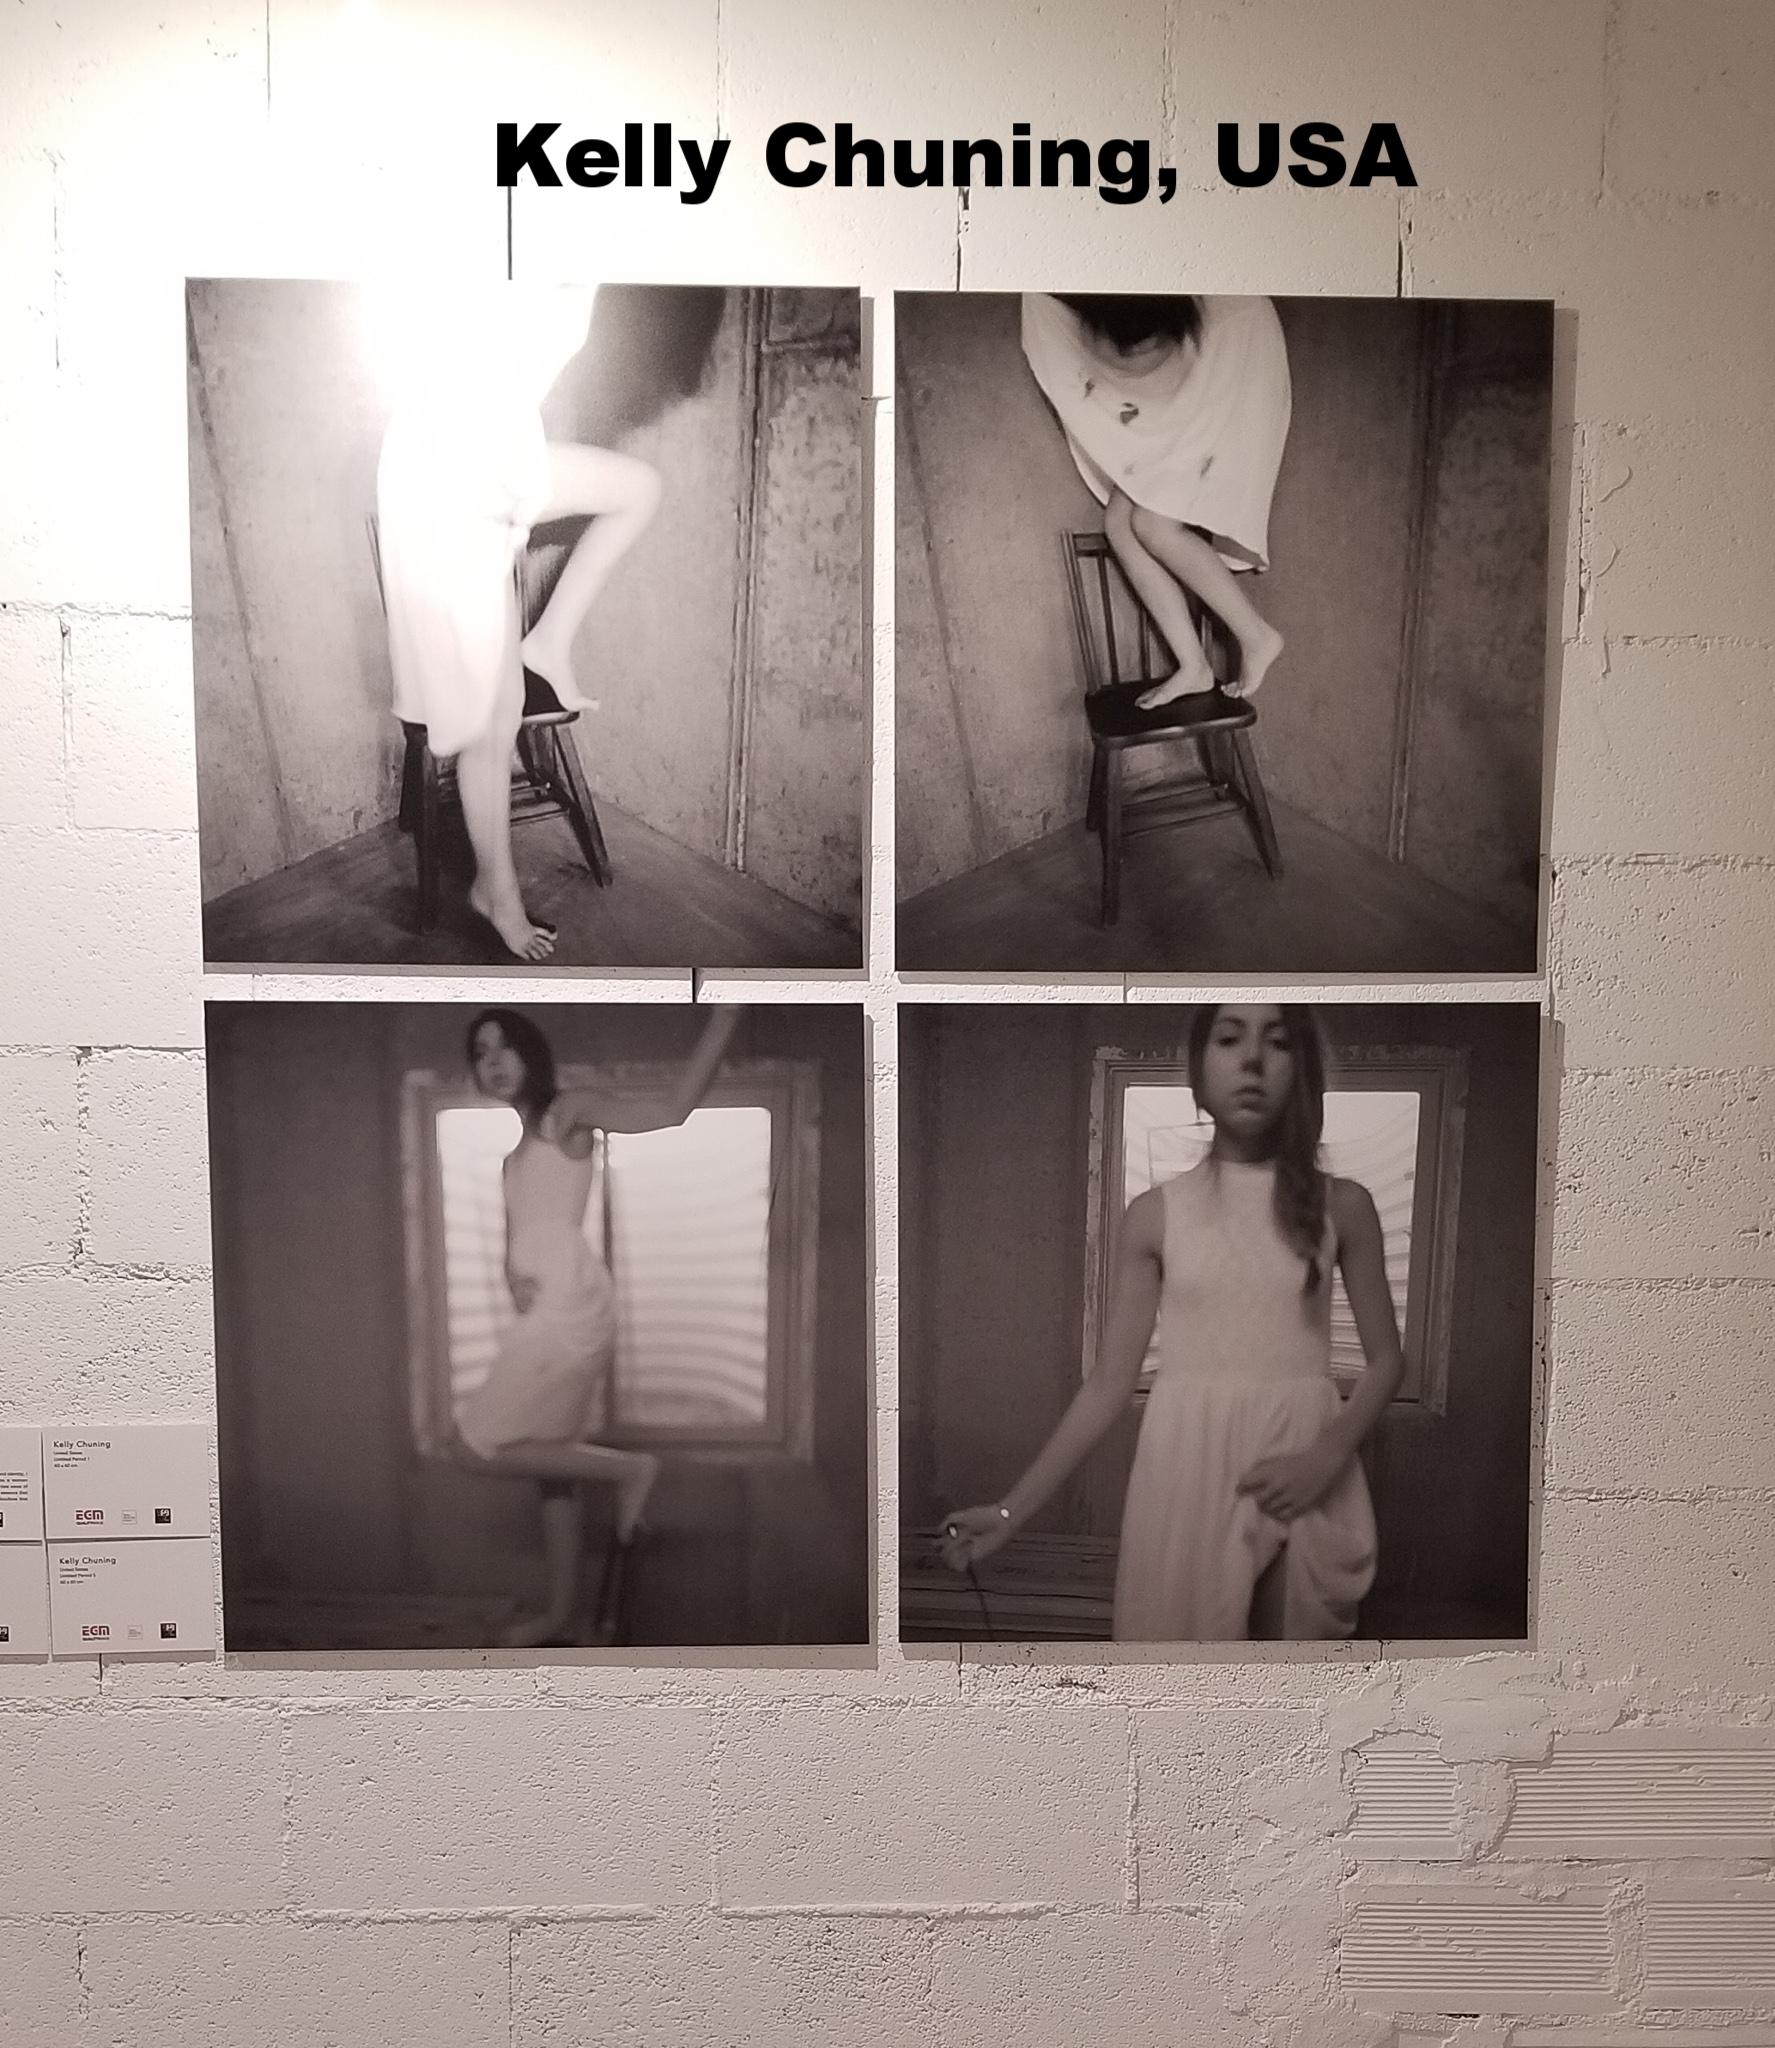 Kelly Chuning, United States